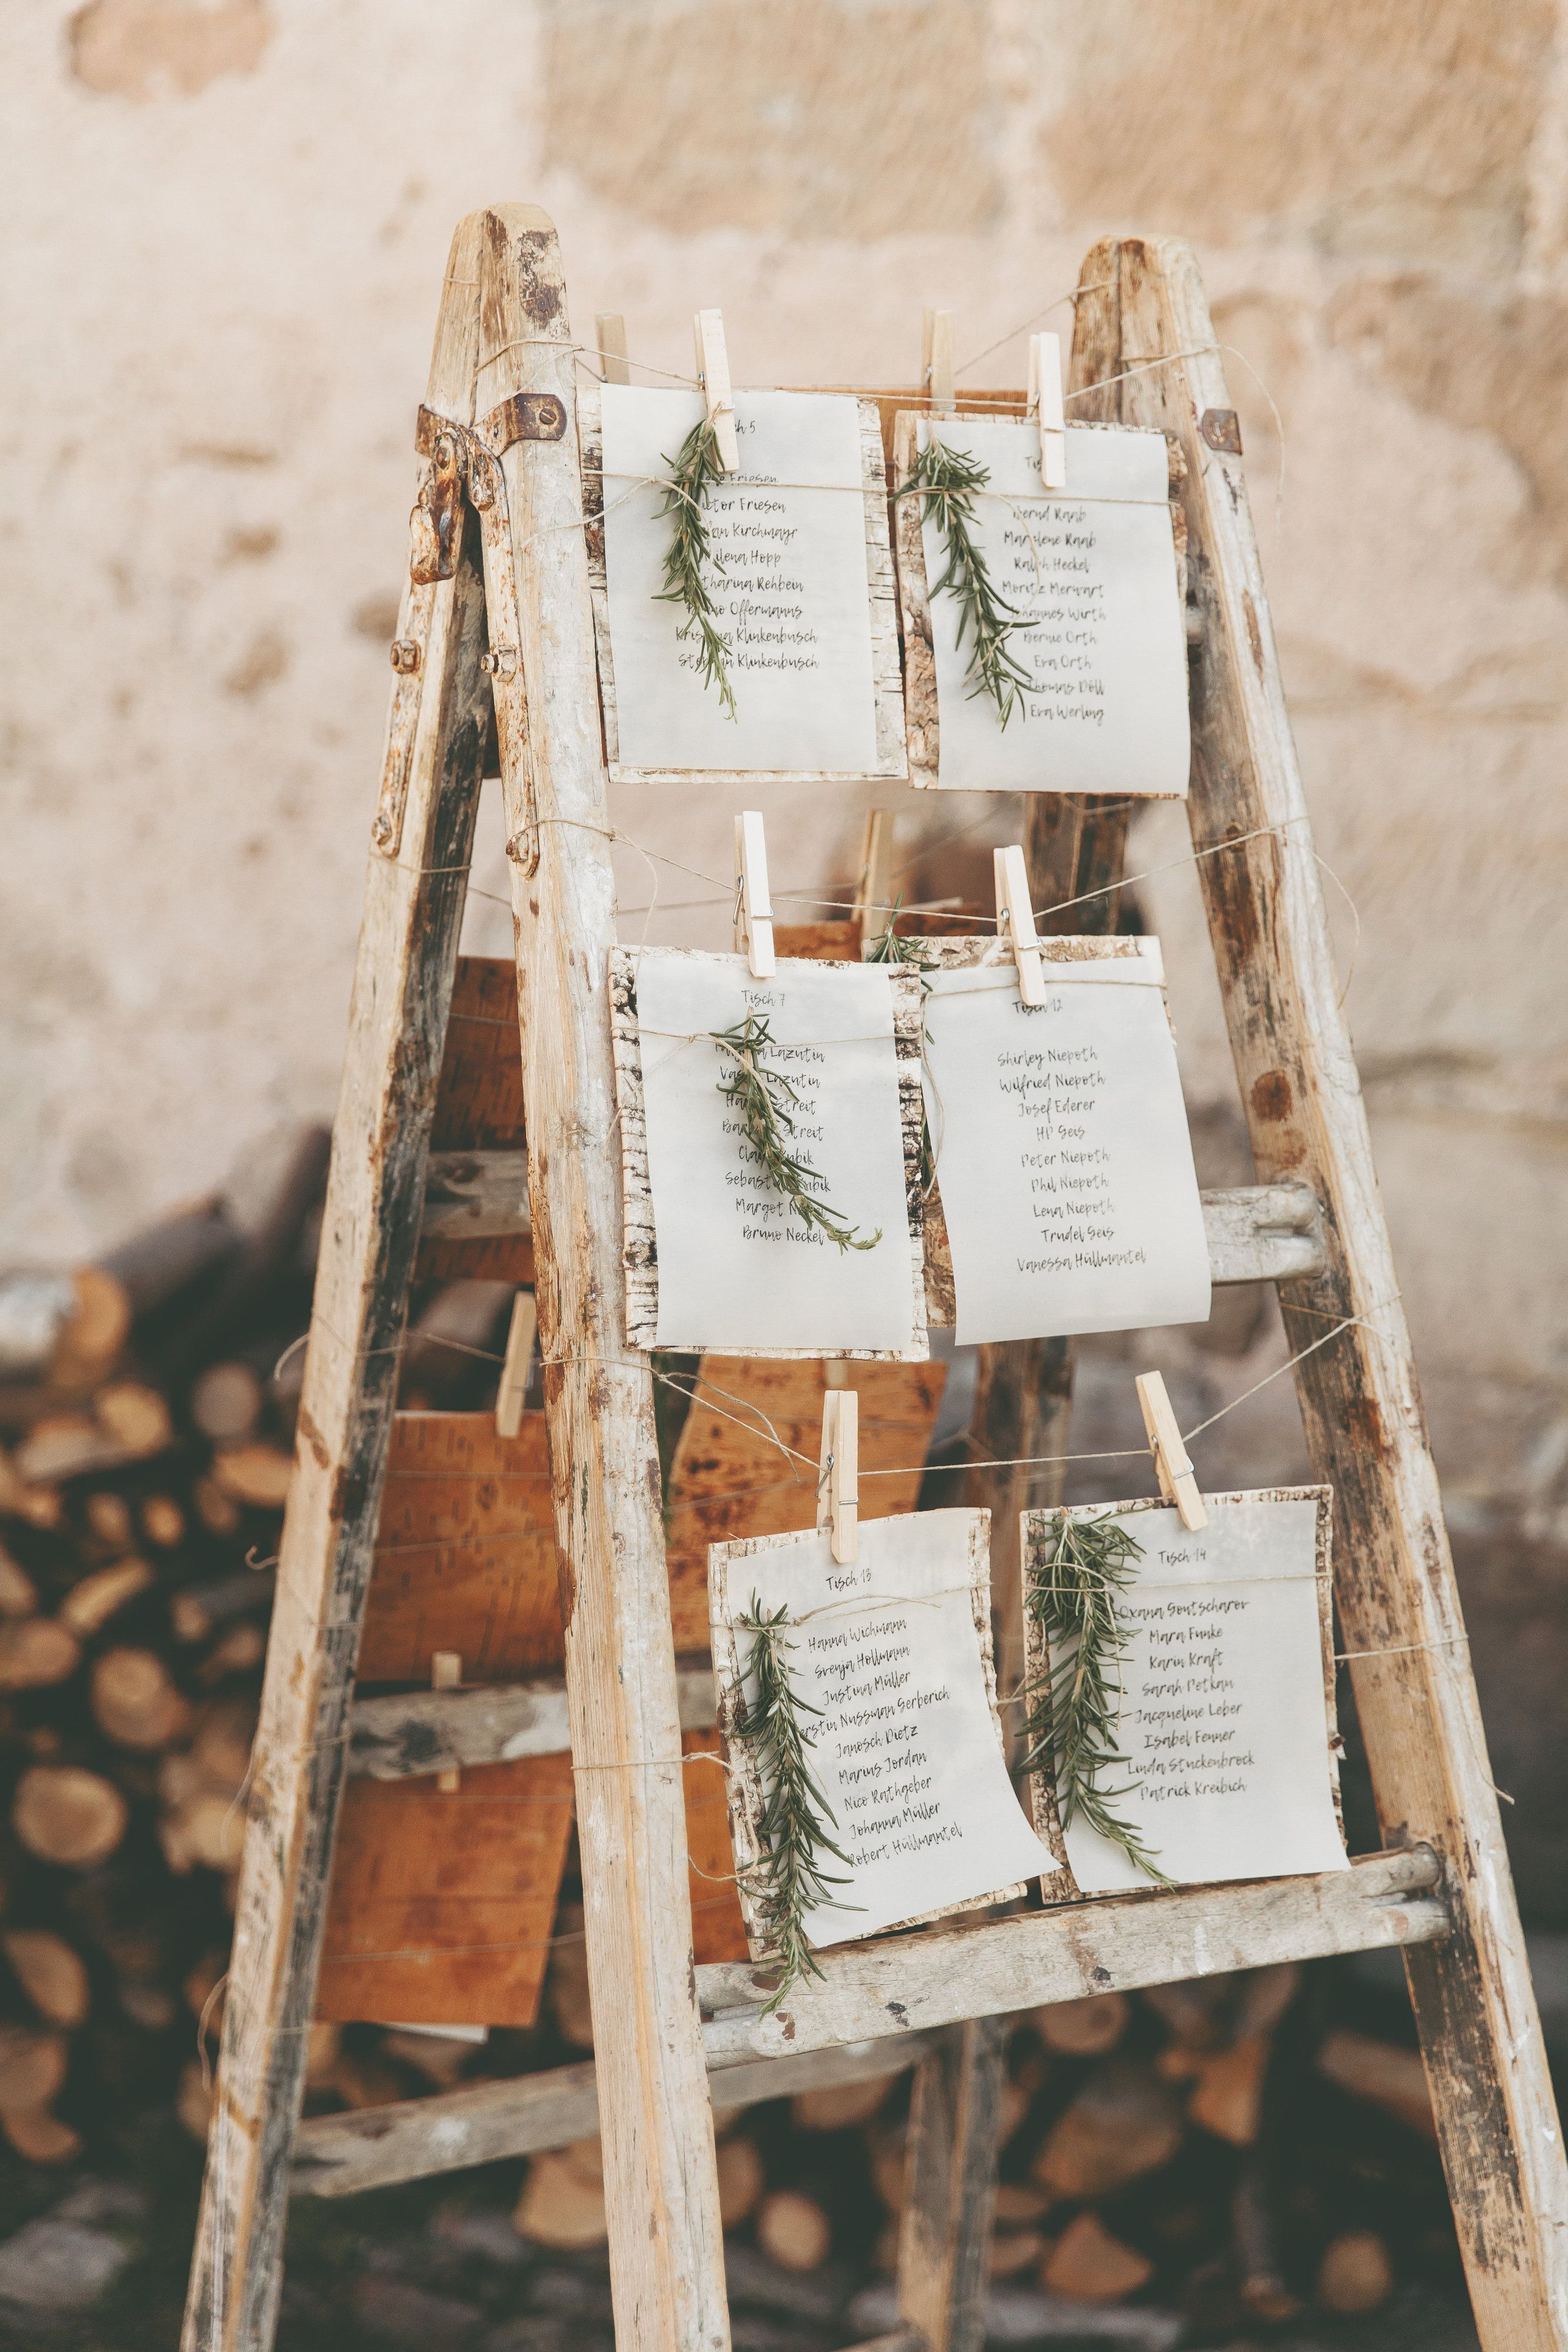 Wedding Seating Plan Ladder Greenery Wedding Hochzeit Sitzplan Leiter Sitzplan Leiter Ideen Diy Hochzei Leiter Hochzeit Sitzplan Hochzeit Karte Hochzeit